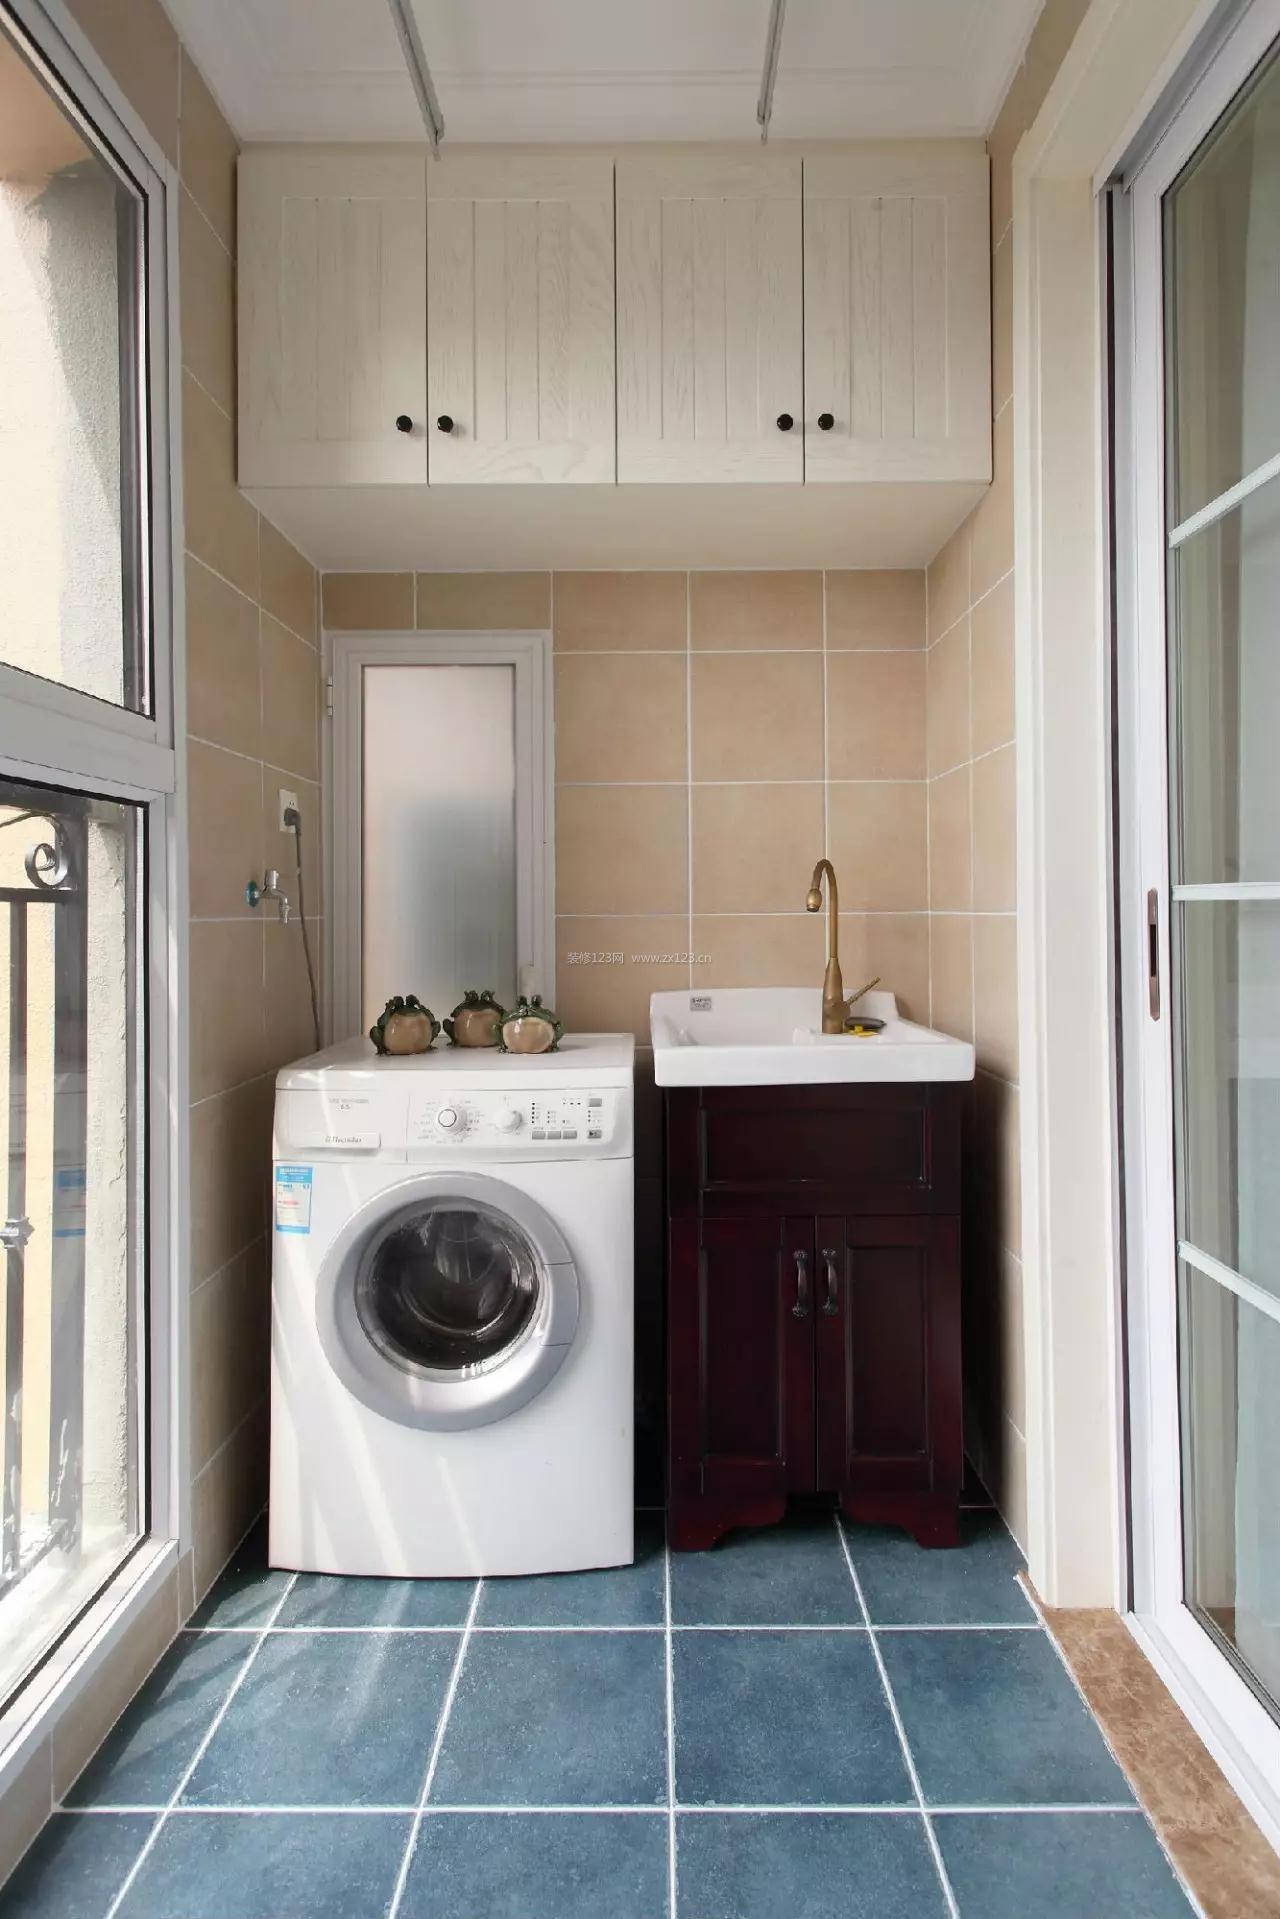 2017美式家居阳台洗衣机柜子设计装修效果图图片